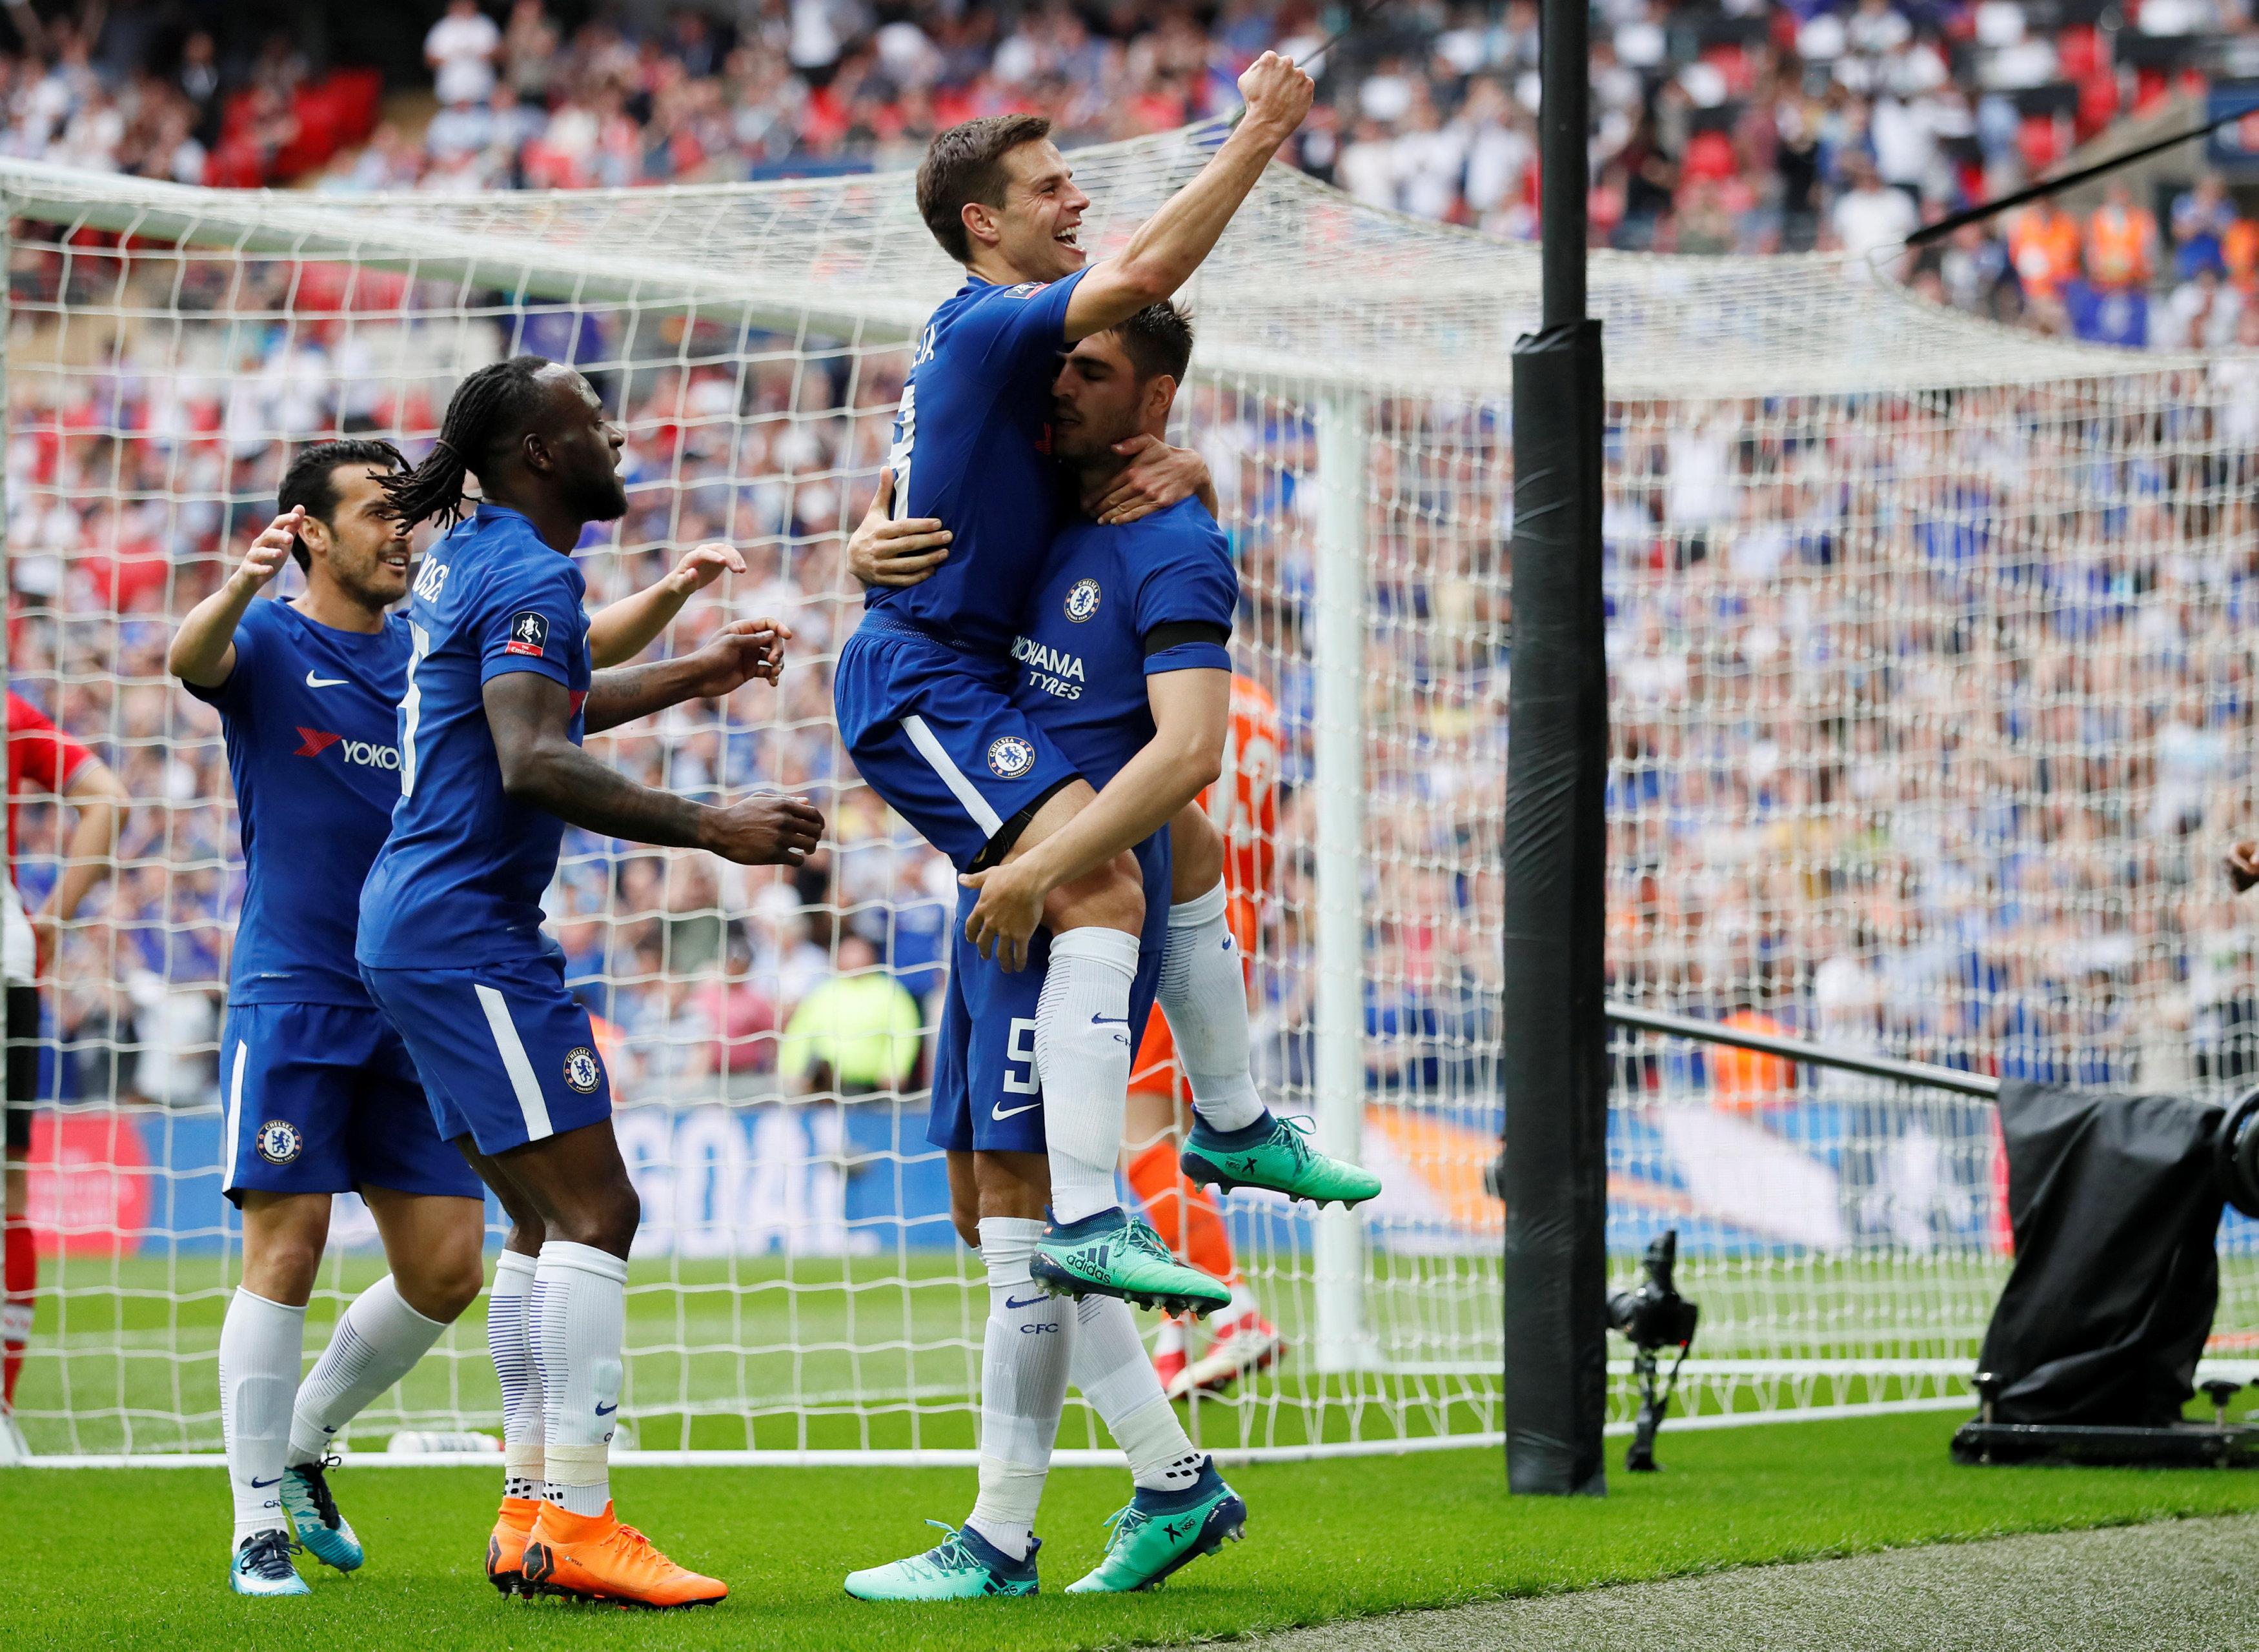 Niềm vui của các cầu thủ Chelsea sau khi Morata nâng tỉ số lên 2-0. Ảnh: REUTERS